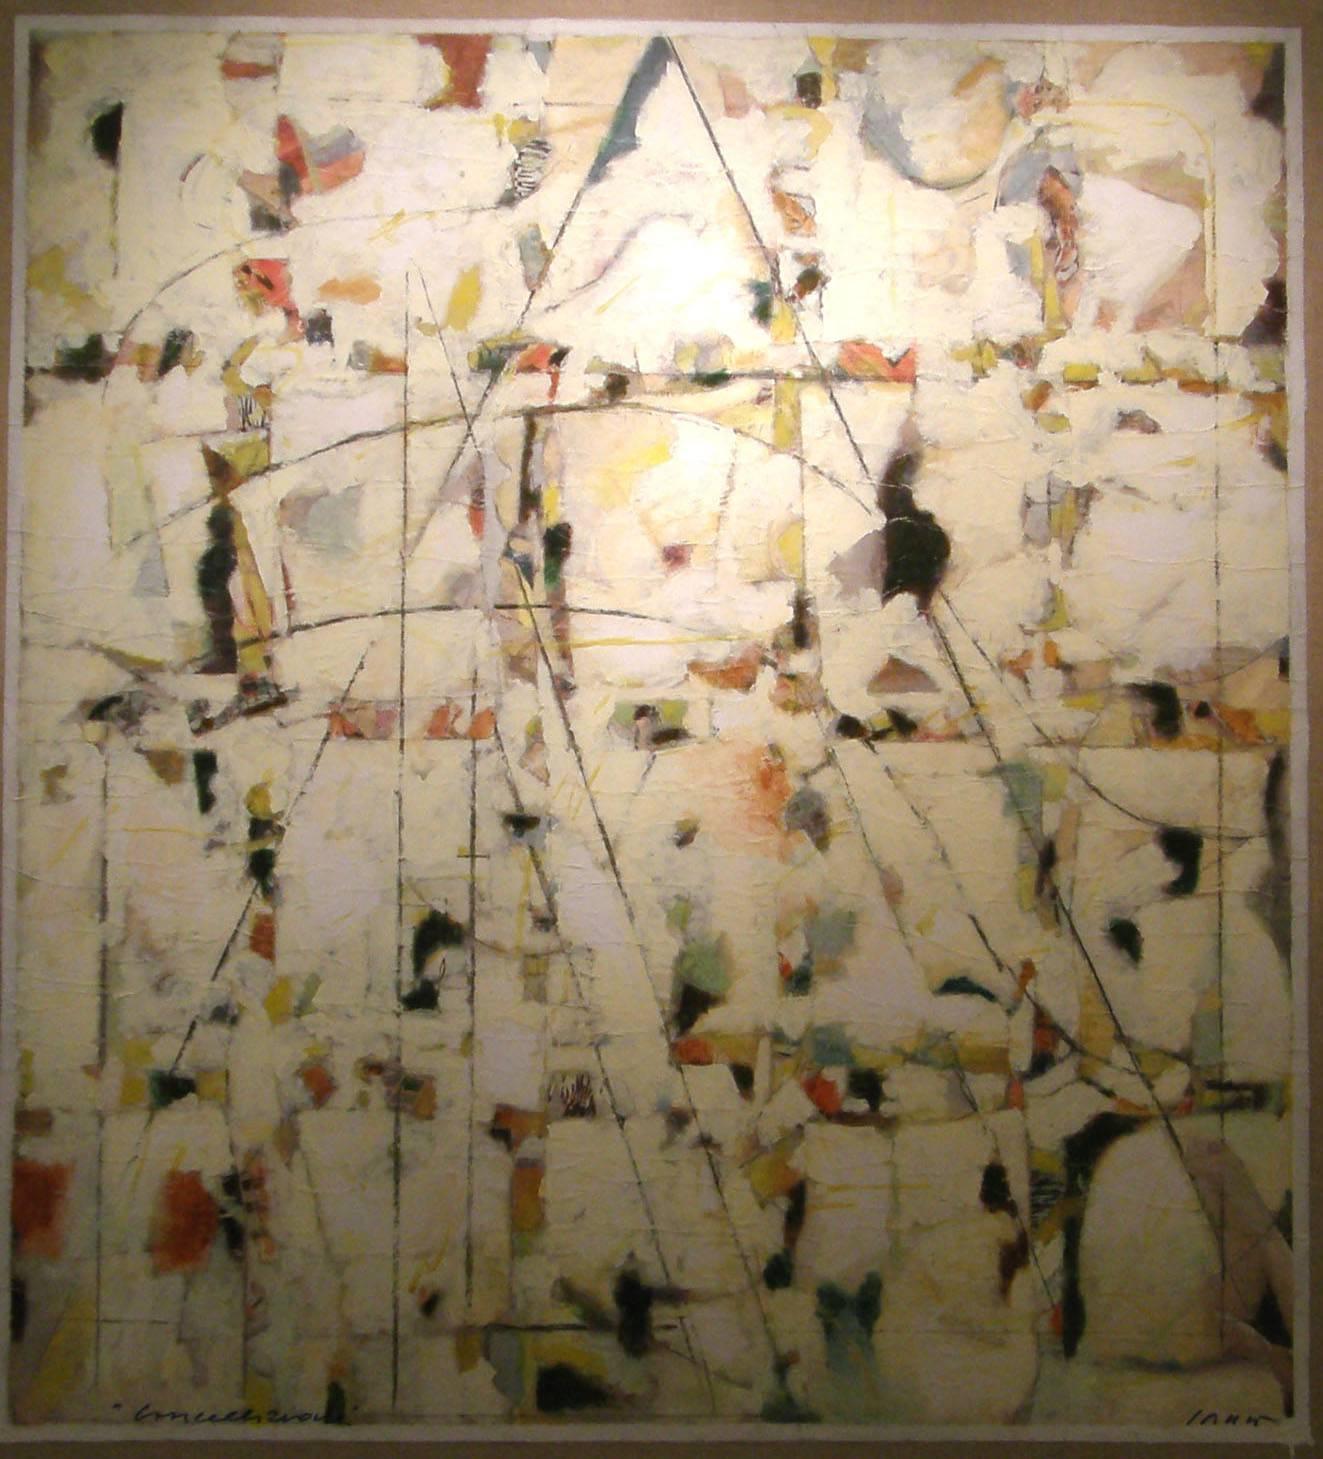 Franco-Sarnari-Cancellazione-5-(pagine-di-rotocalco)-2007-tecnica-mista-su-carta-intelata-cm-120x110-copia